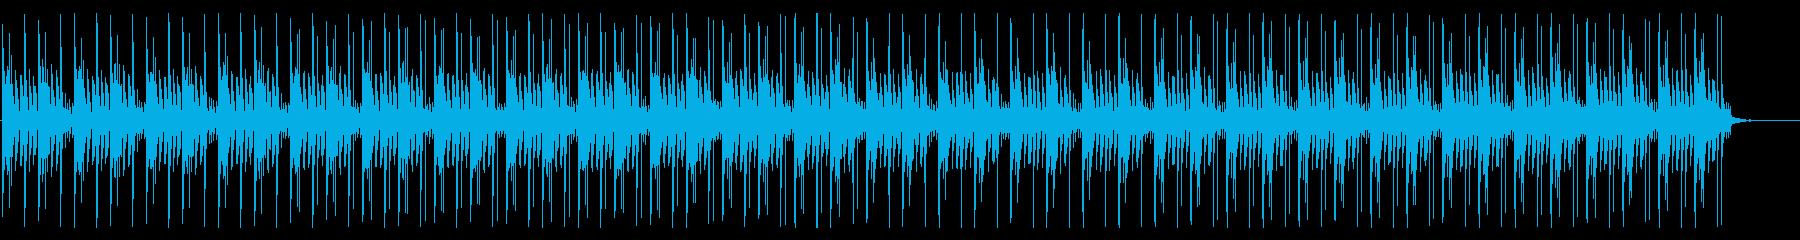 ゆったりしたピアノが心地よいチルアウトの再生済みの波形